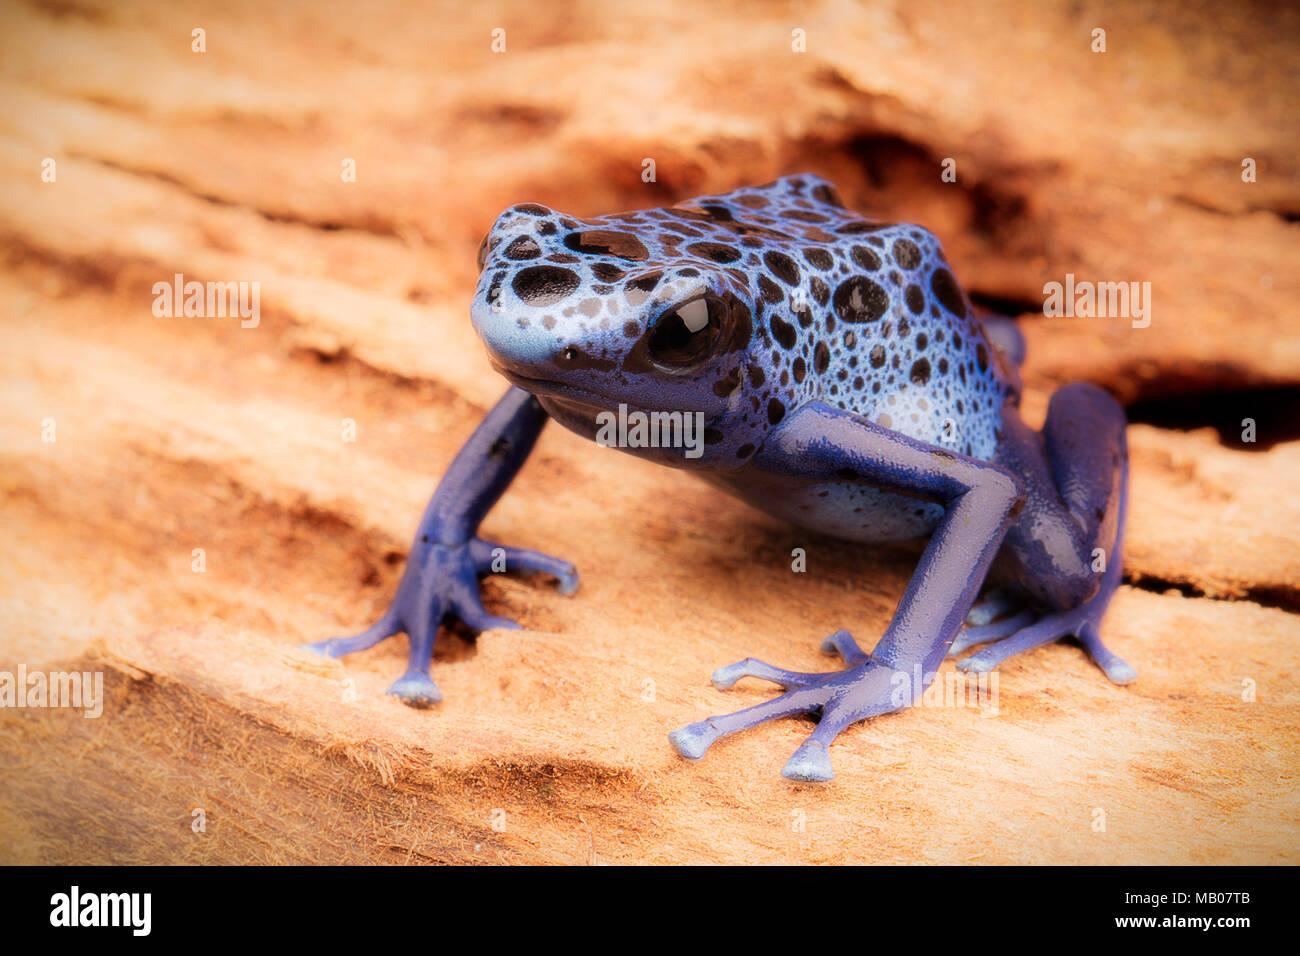 Azul y negro poison dart frog, Dendrobates Azureus. Un hermoso bosque venenoso animal en peligro de extinción. Pet en una selva tropical de anfibios Imagen De Stock